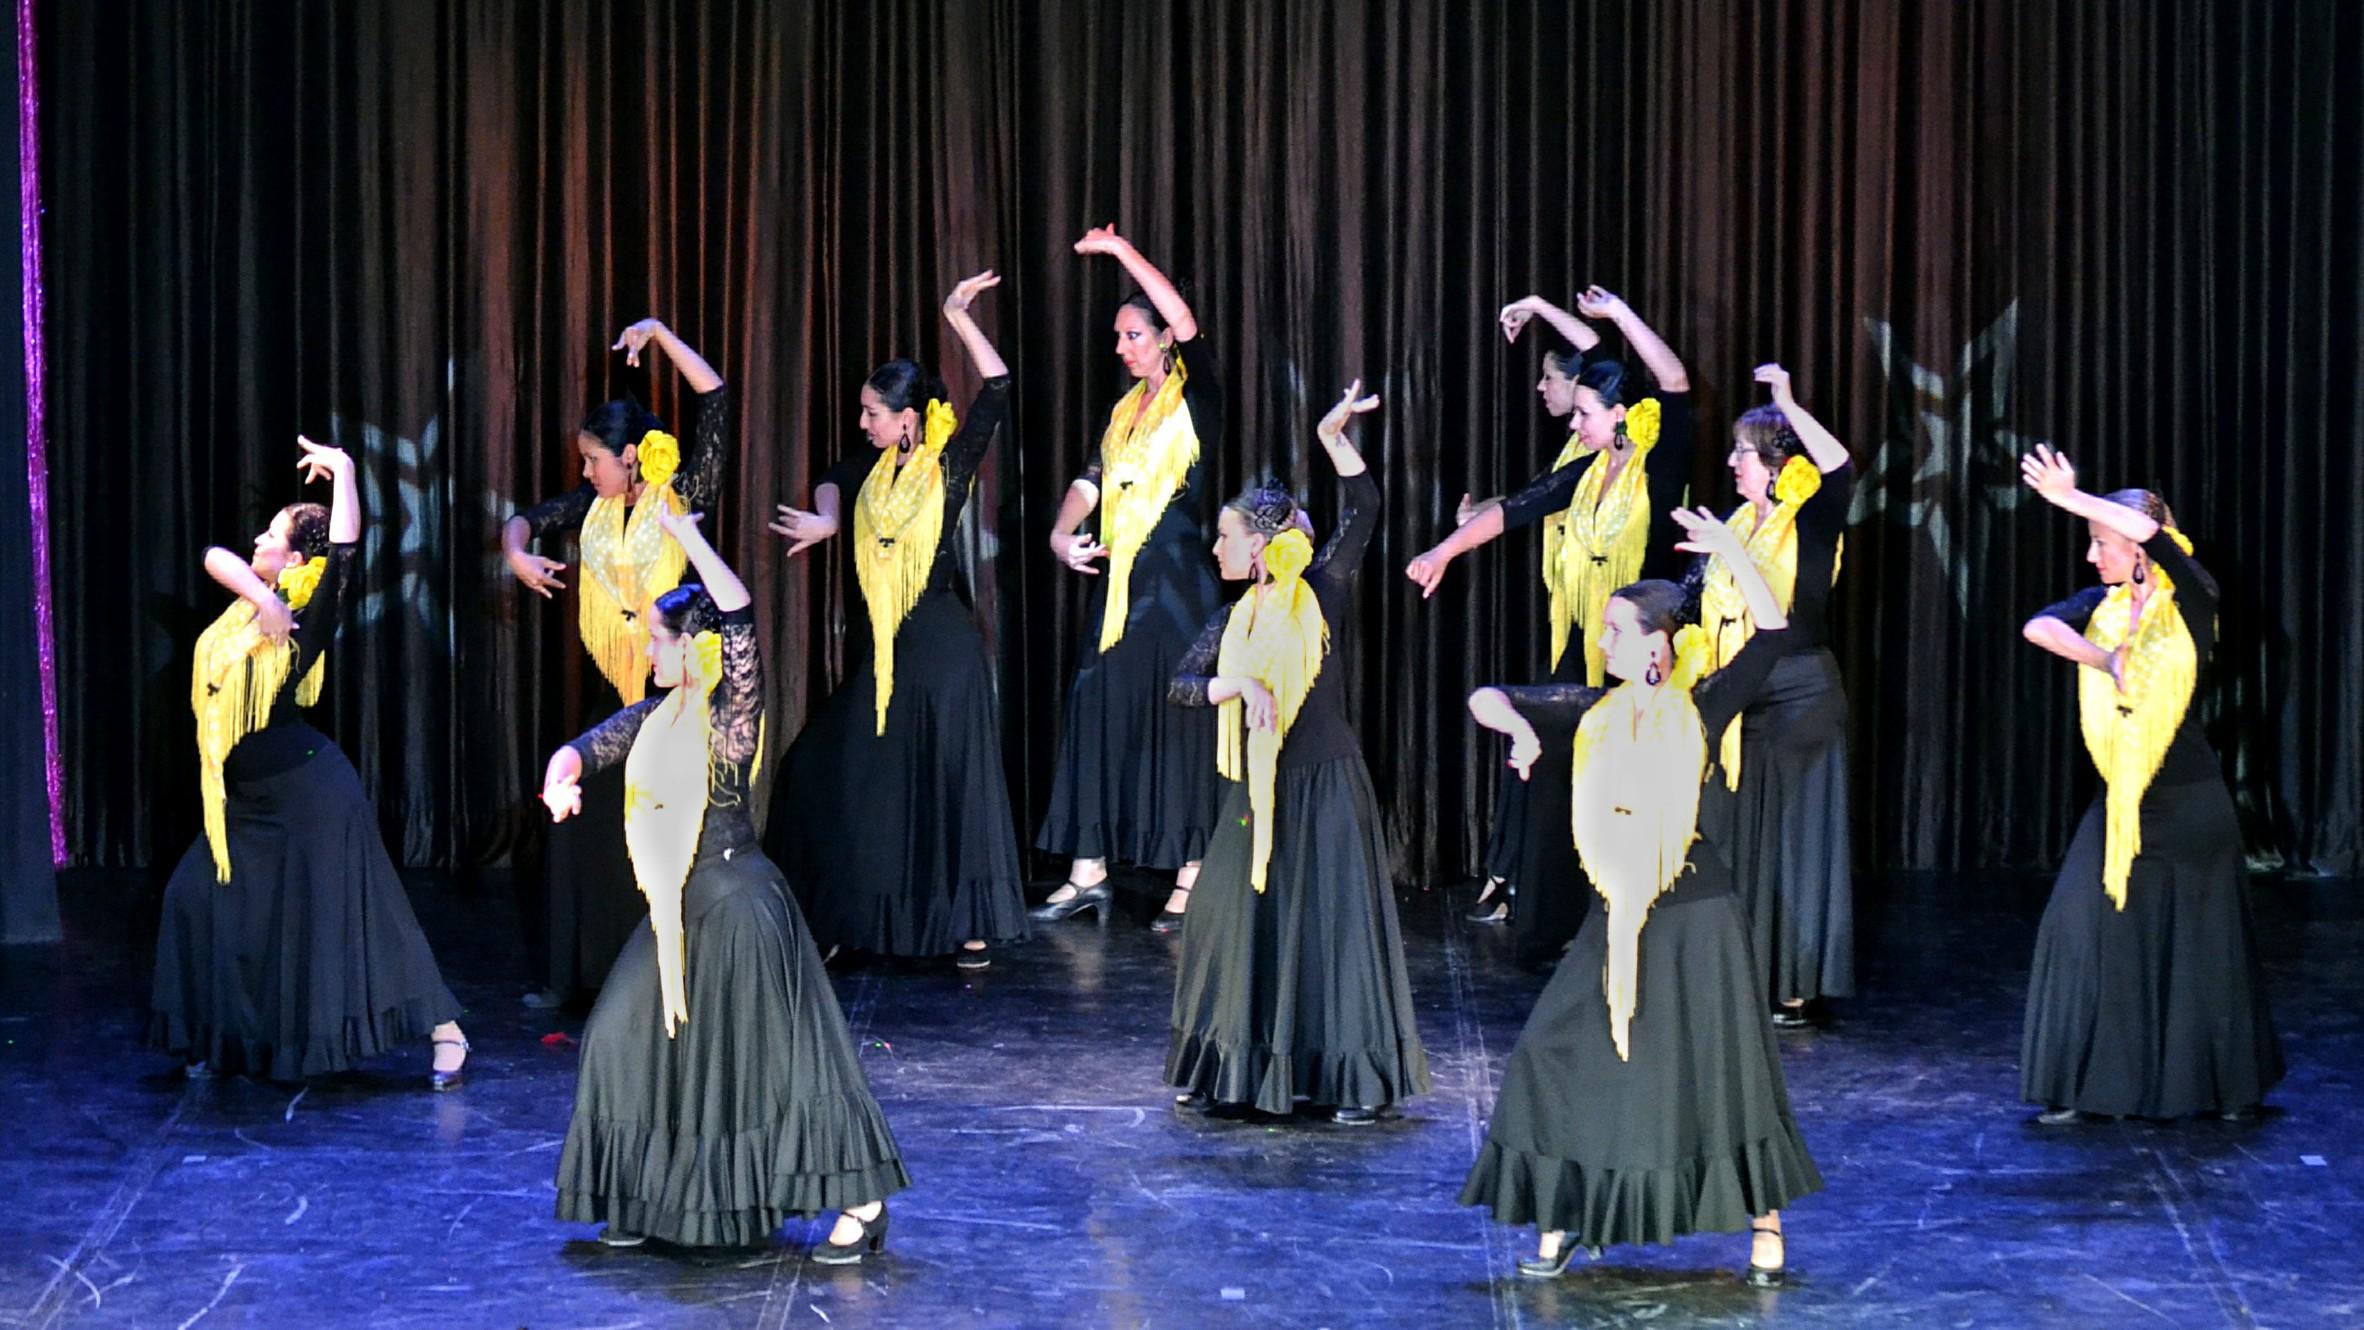 Linea-de-Baile-festival-verano-2015-clases-de-baile-valencia-47